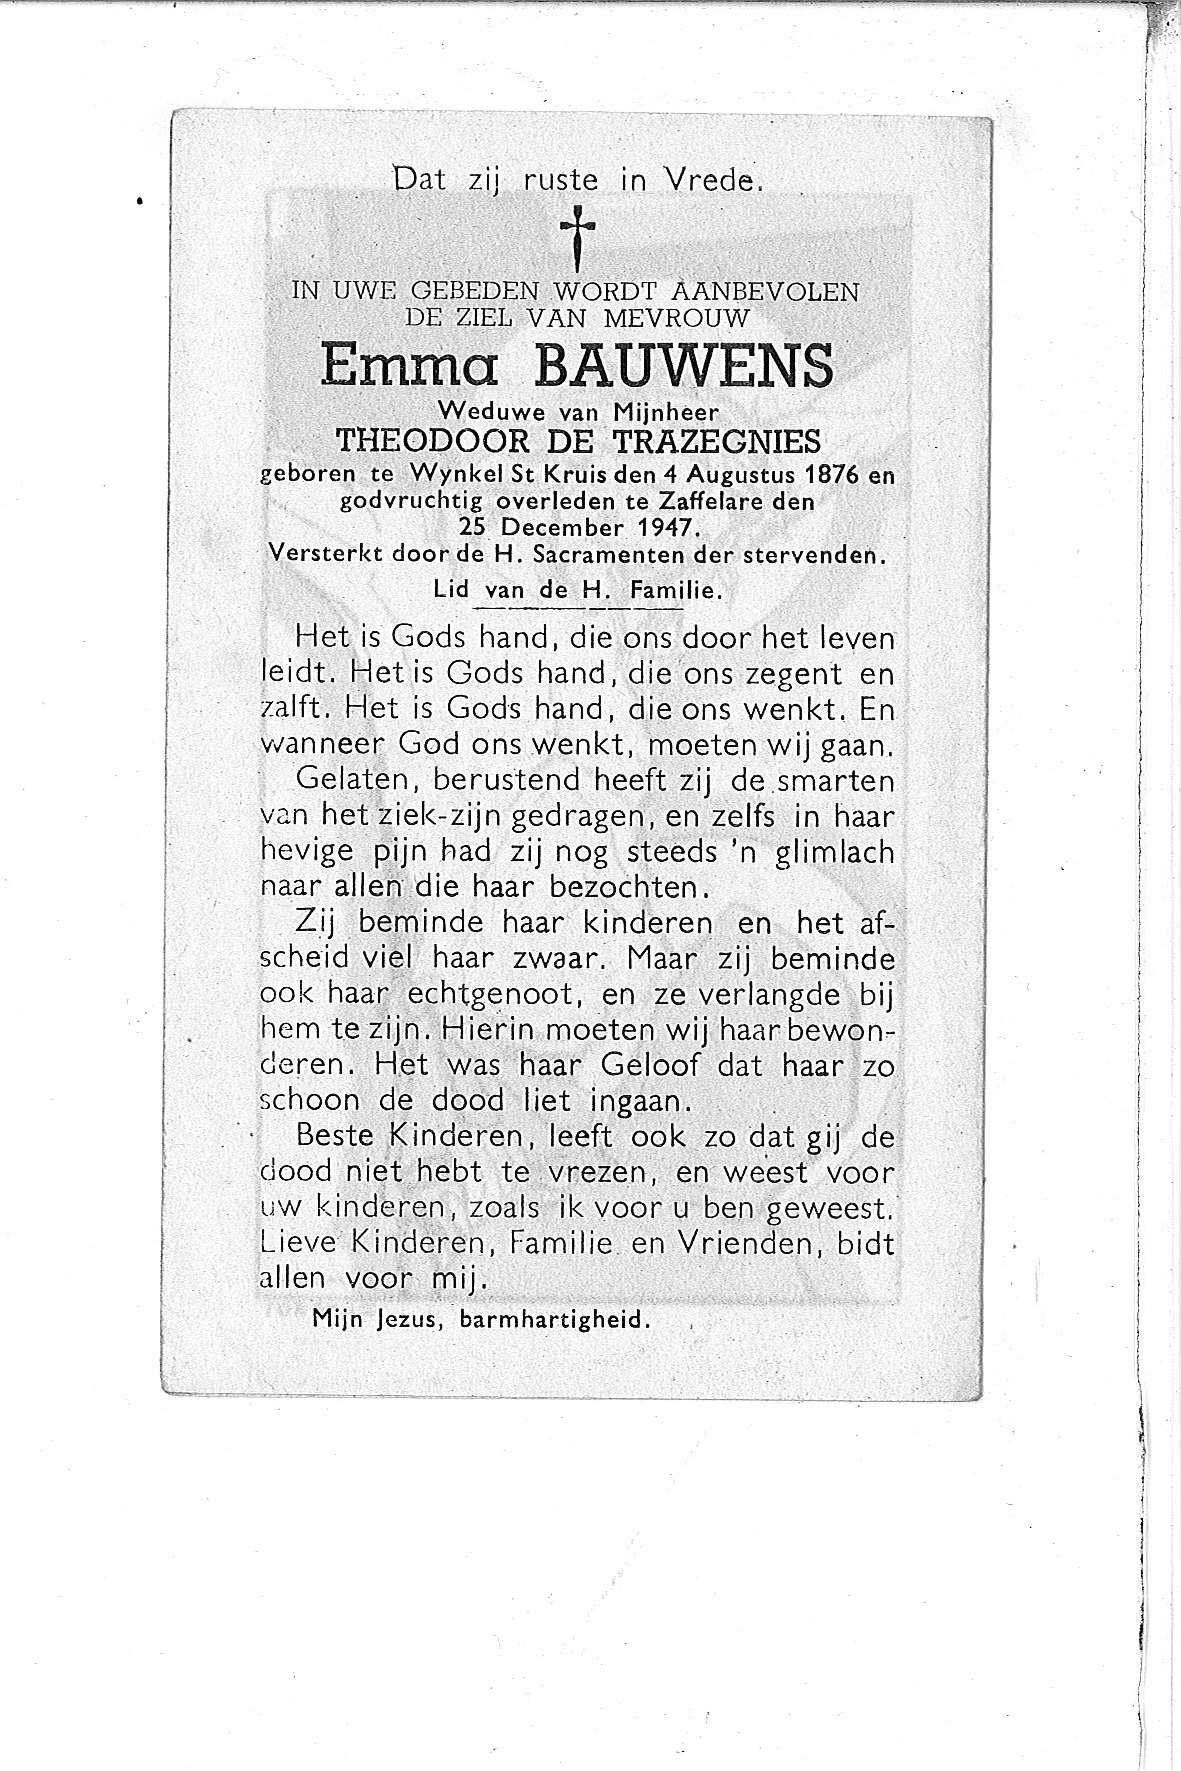 Emma(1947)20101026135255_00012.jpg